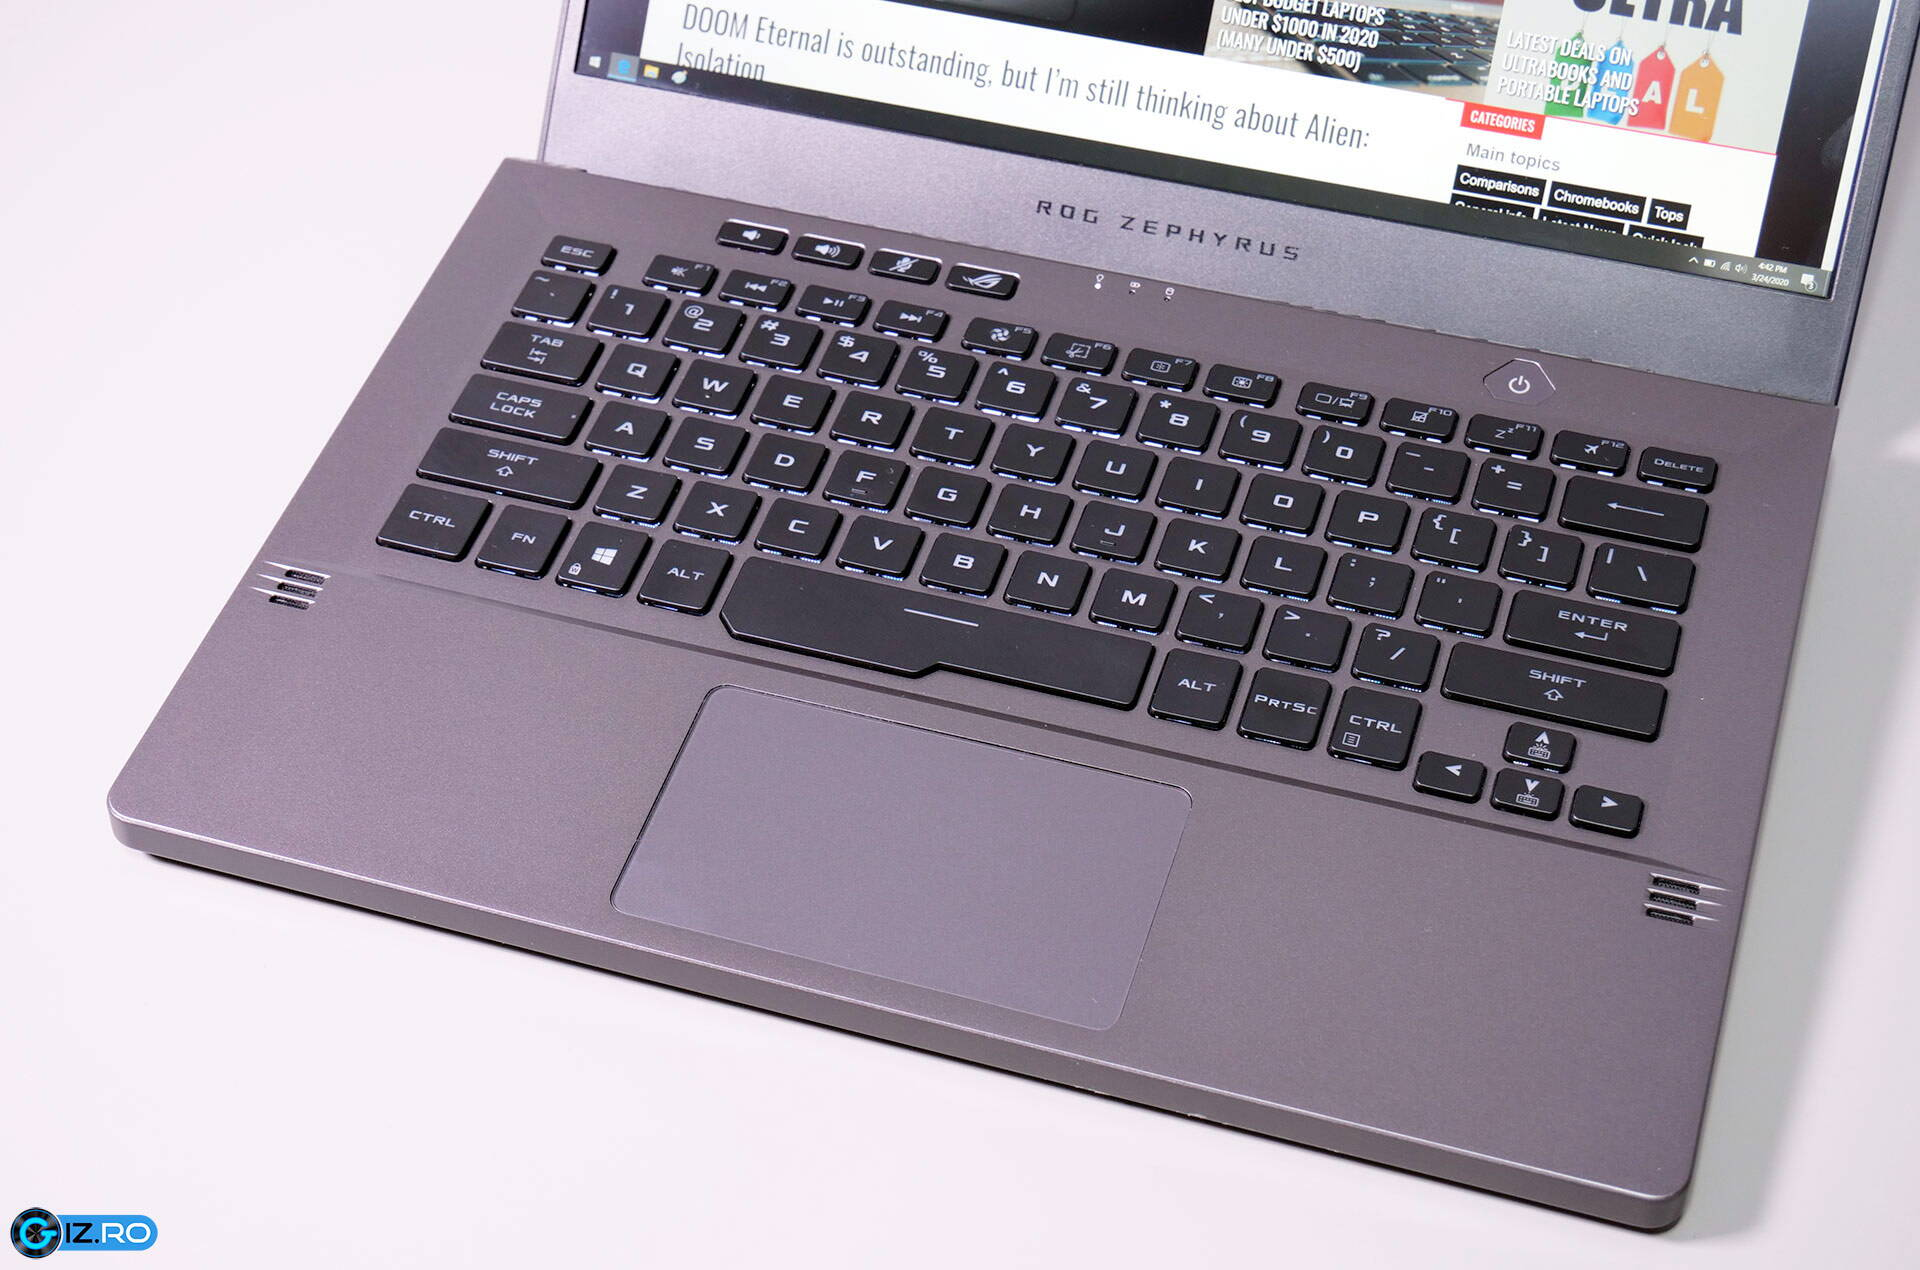 asus rog zephyrus g14 - tastatura clickpad